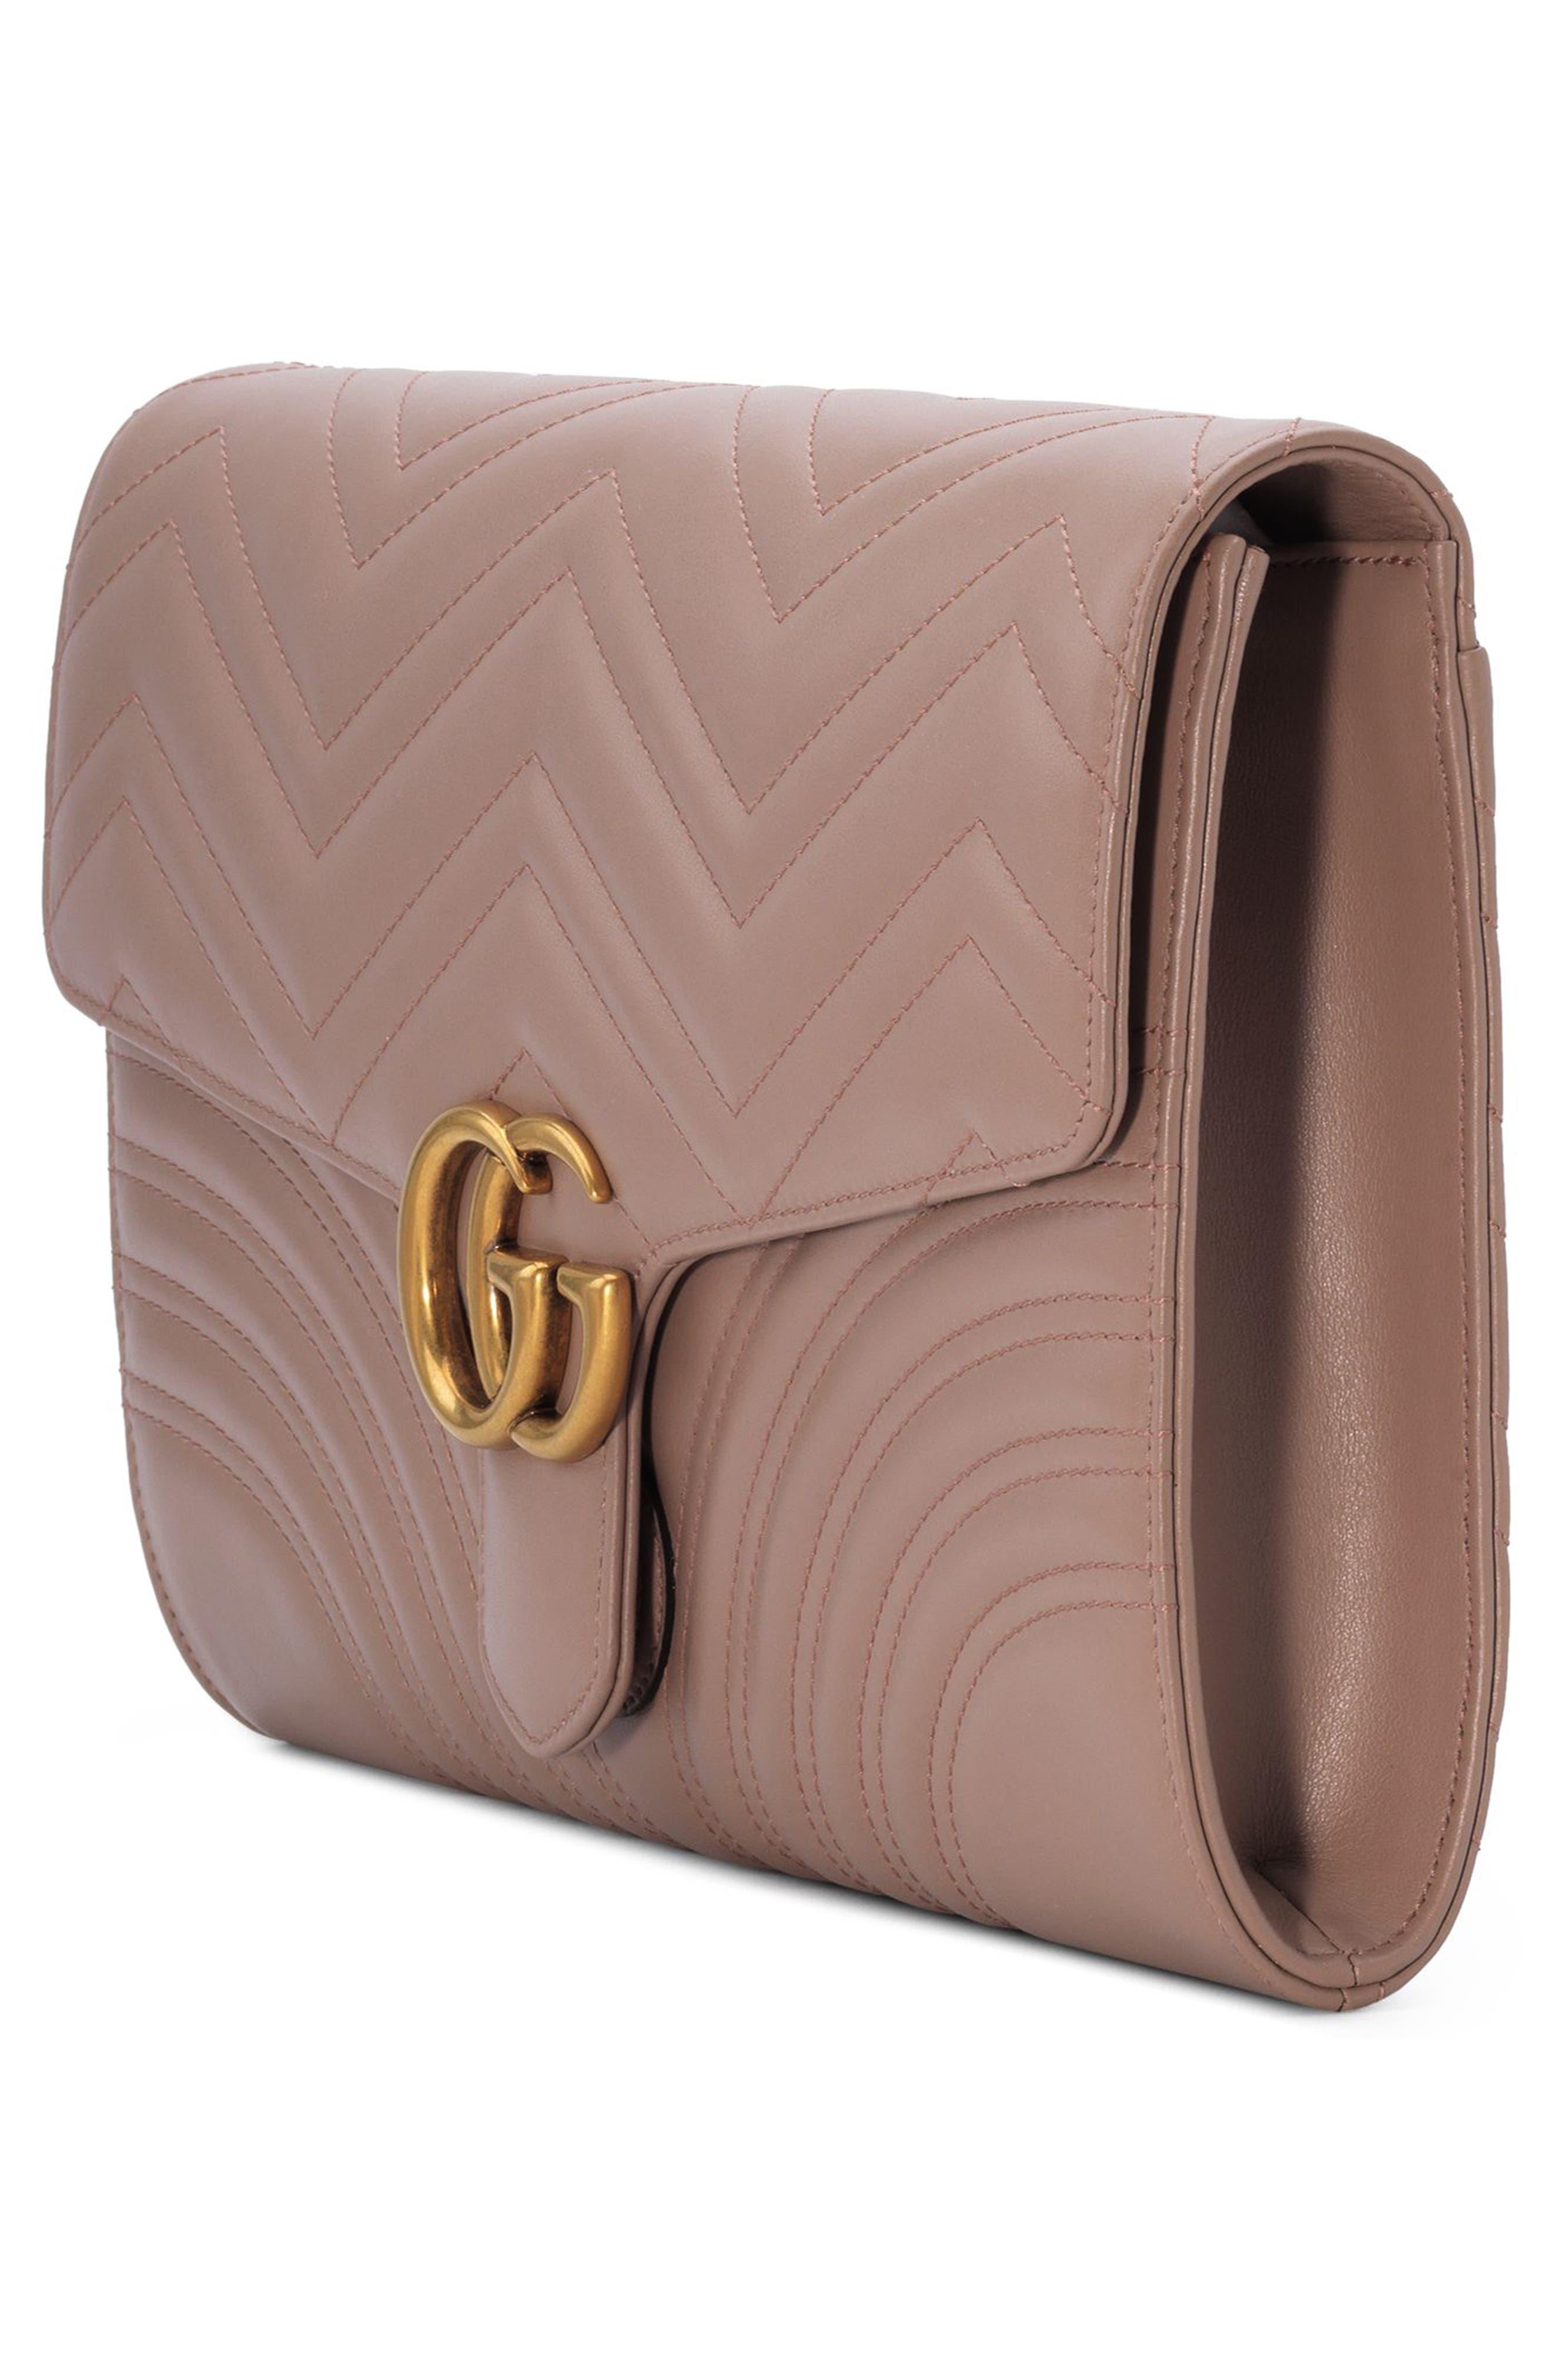 GG Marmont 2.0 Matelassé Leather Clutch,                             Alternate thumbnail 15, color,